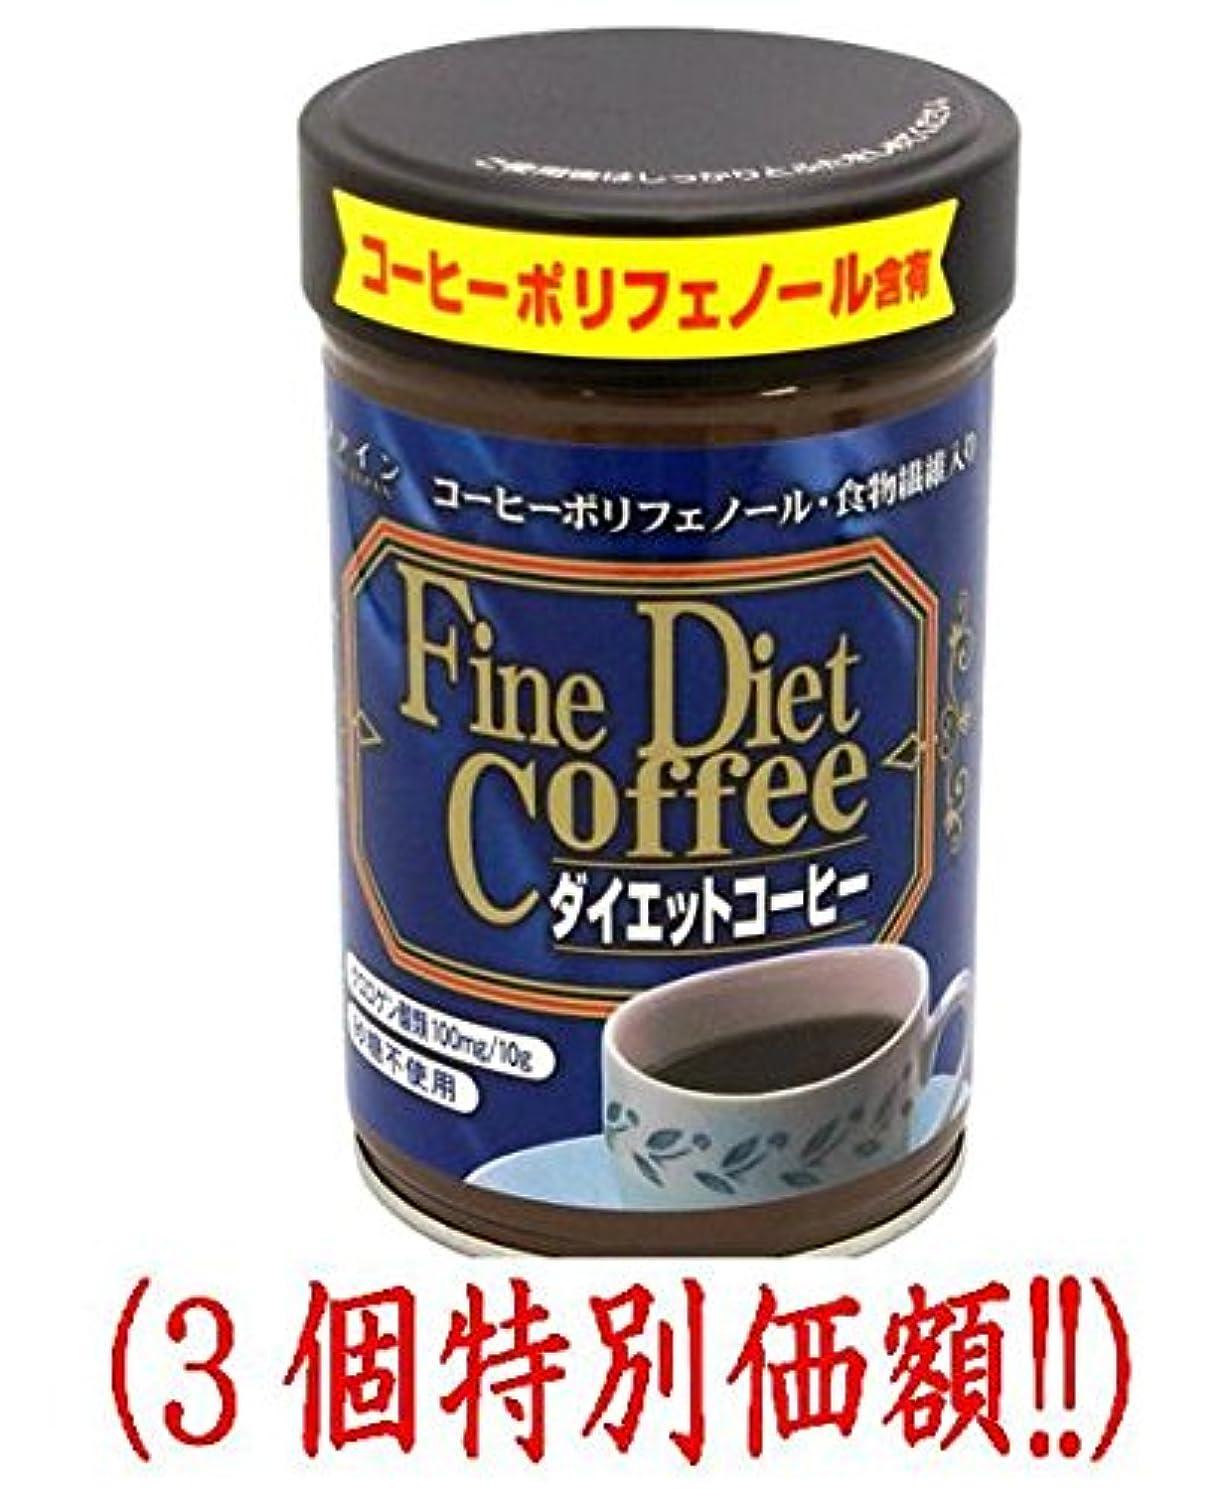 香港対応開示するファイン ダイエットコーヒー【3本セット】